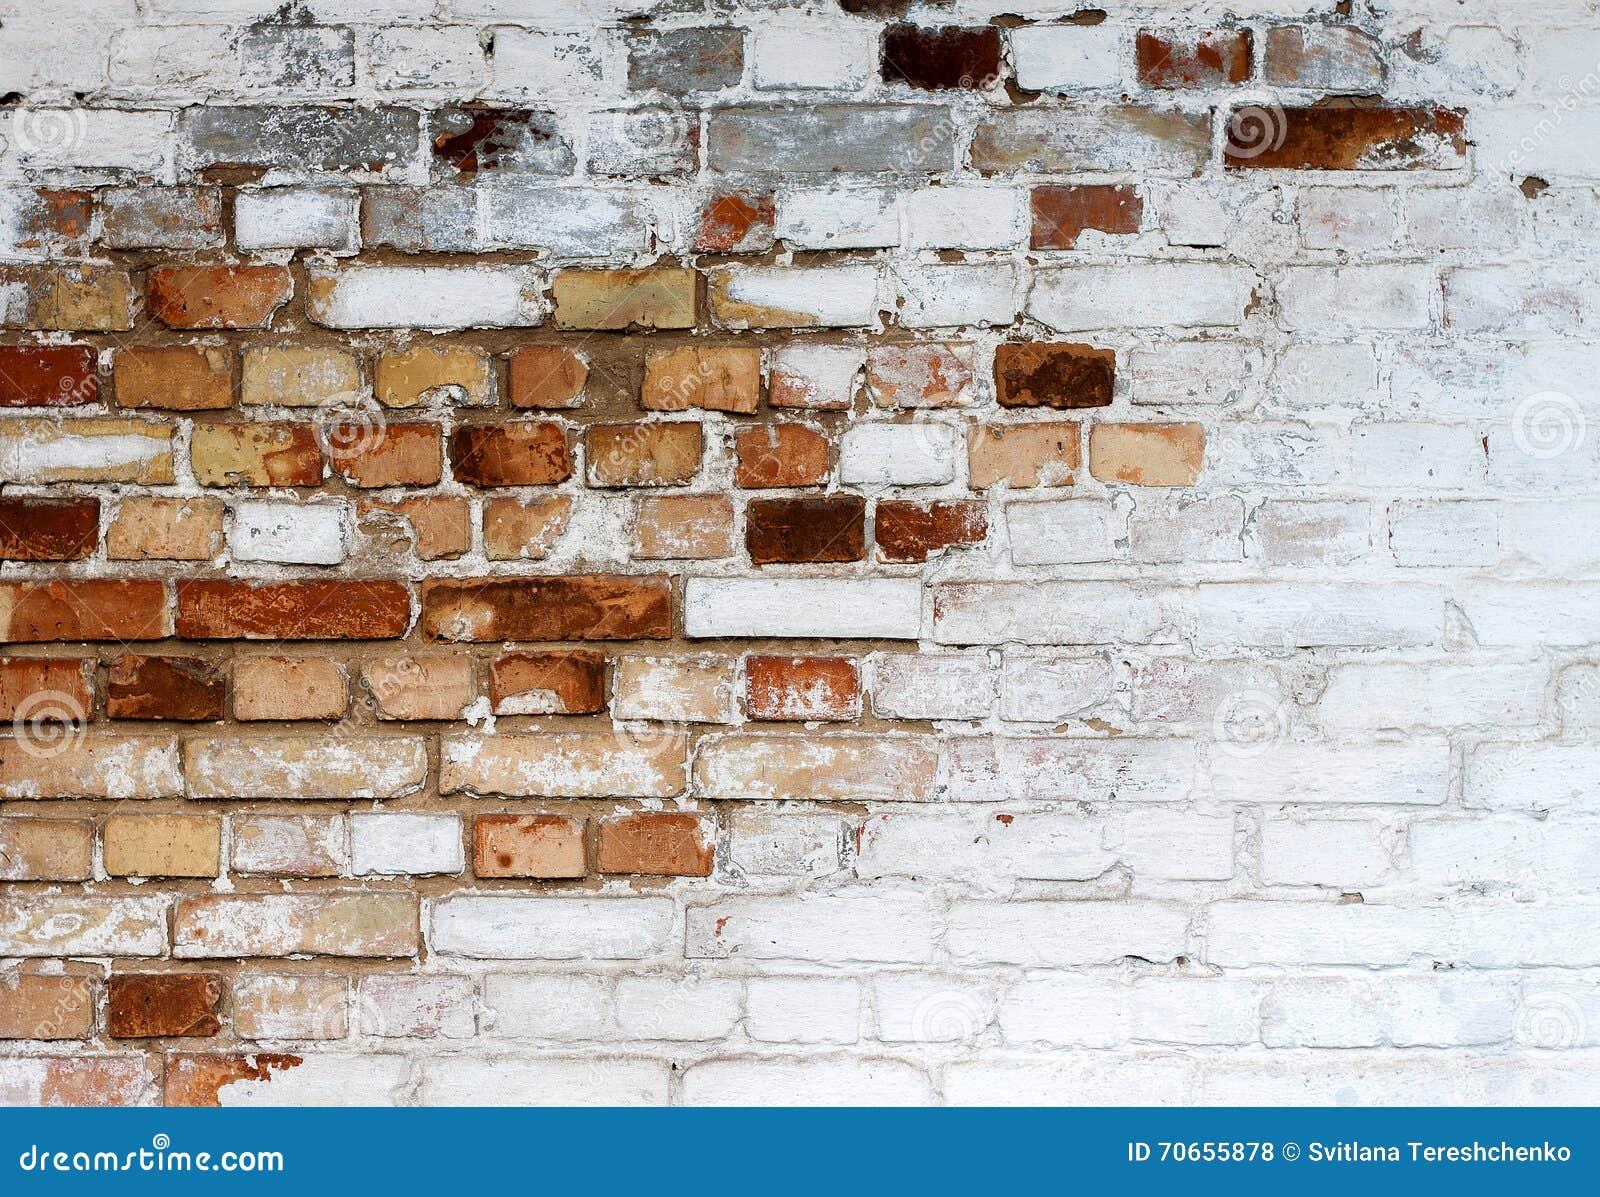 Fundo branco lascado velho da textura da parede de tijolo, parede de tijolo suja whitewashed, fundo branco vermelho do vintage do